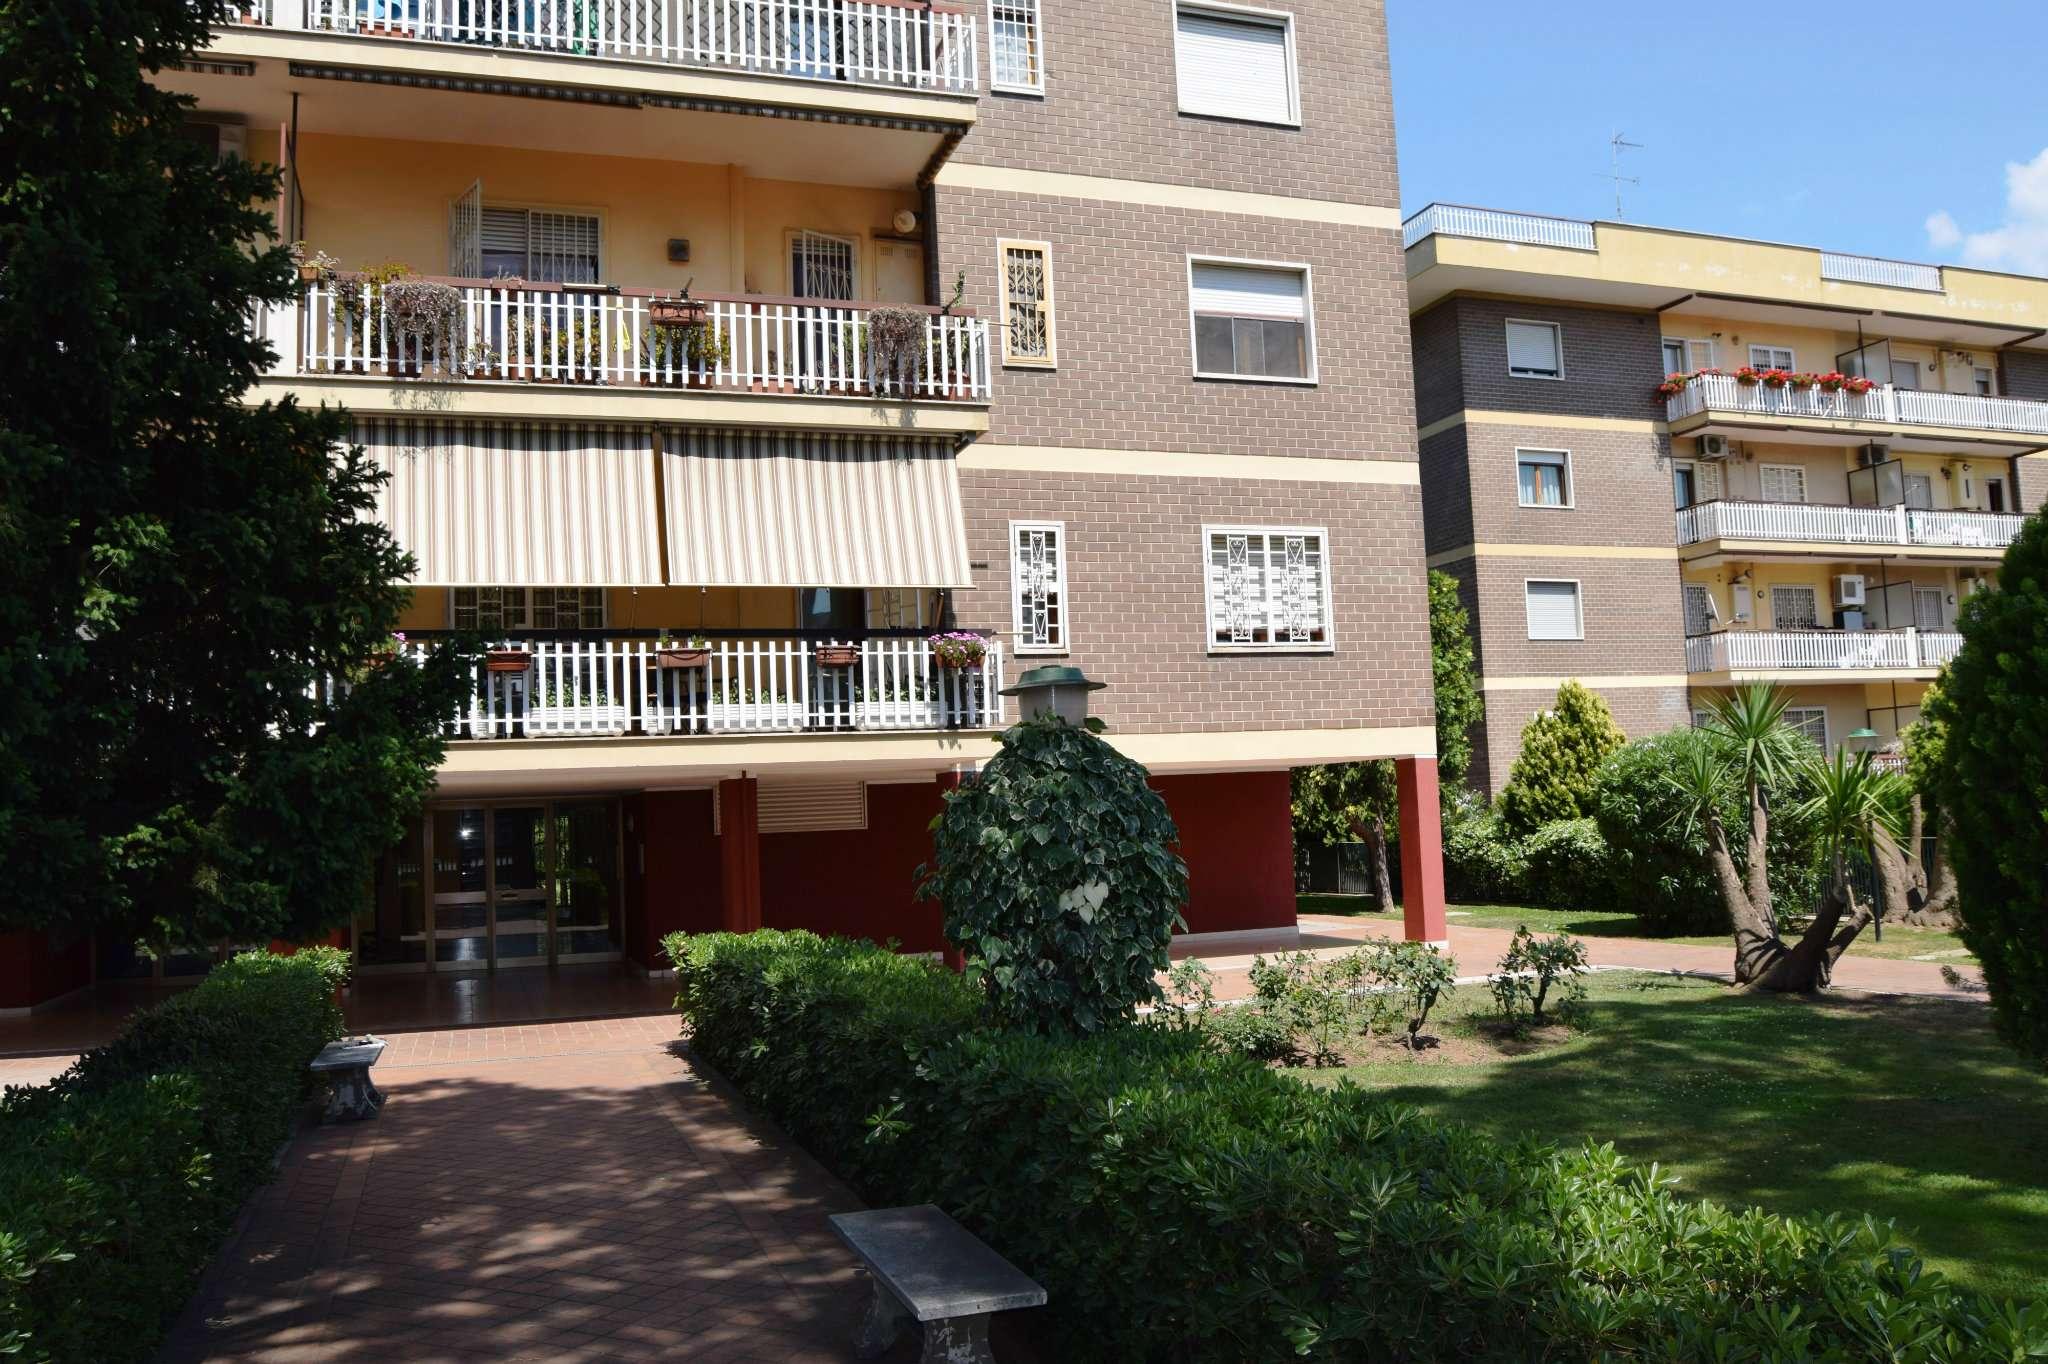 Appartamenti in affitto a roma in zona cinecitt cerca for Appartamenti ammobiliati in affitto roma